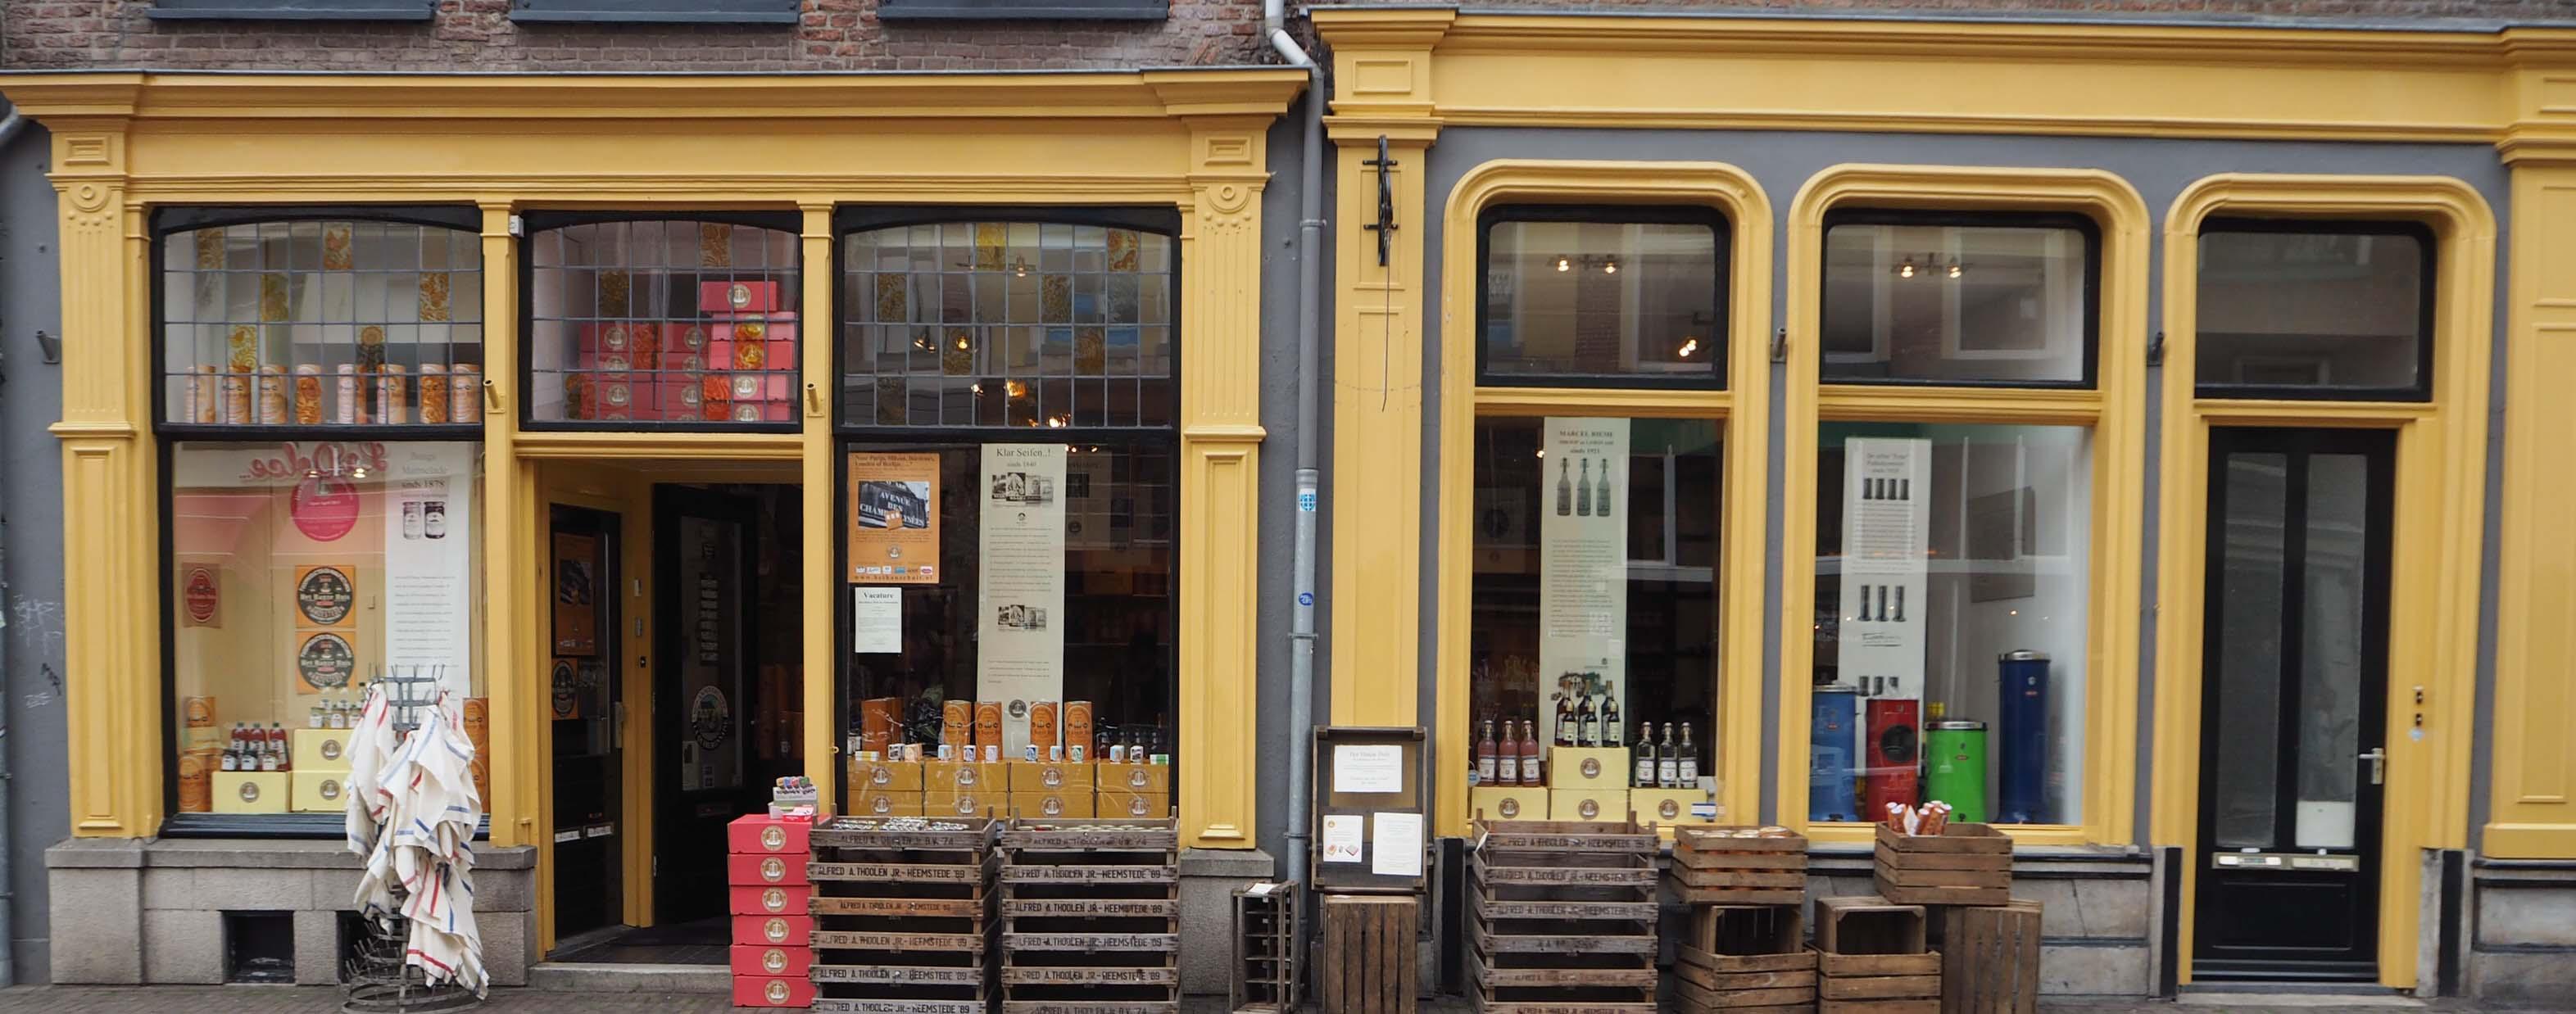 Het Hanze Huis in Zwolle biedt een uitgebreid assortiment aan authentieke levensmiddelen en cadeau-artikelen